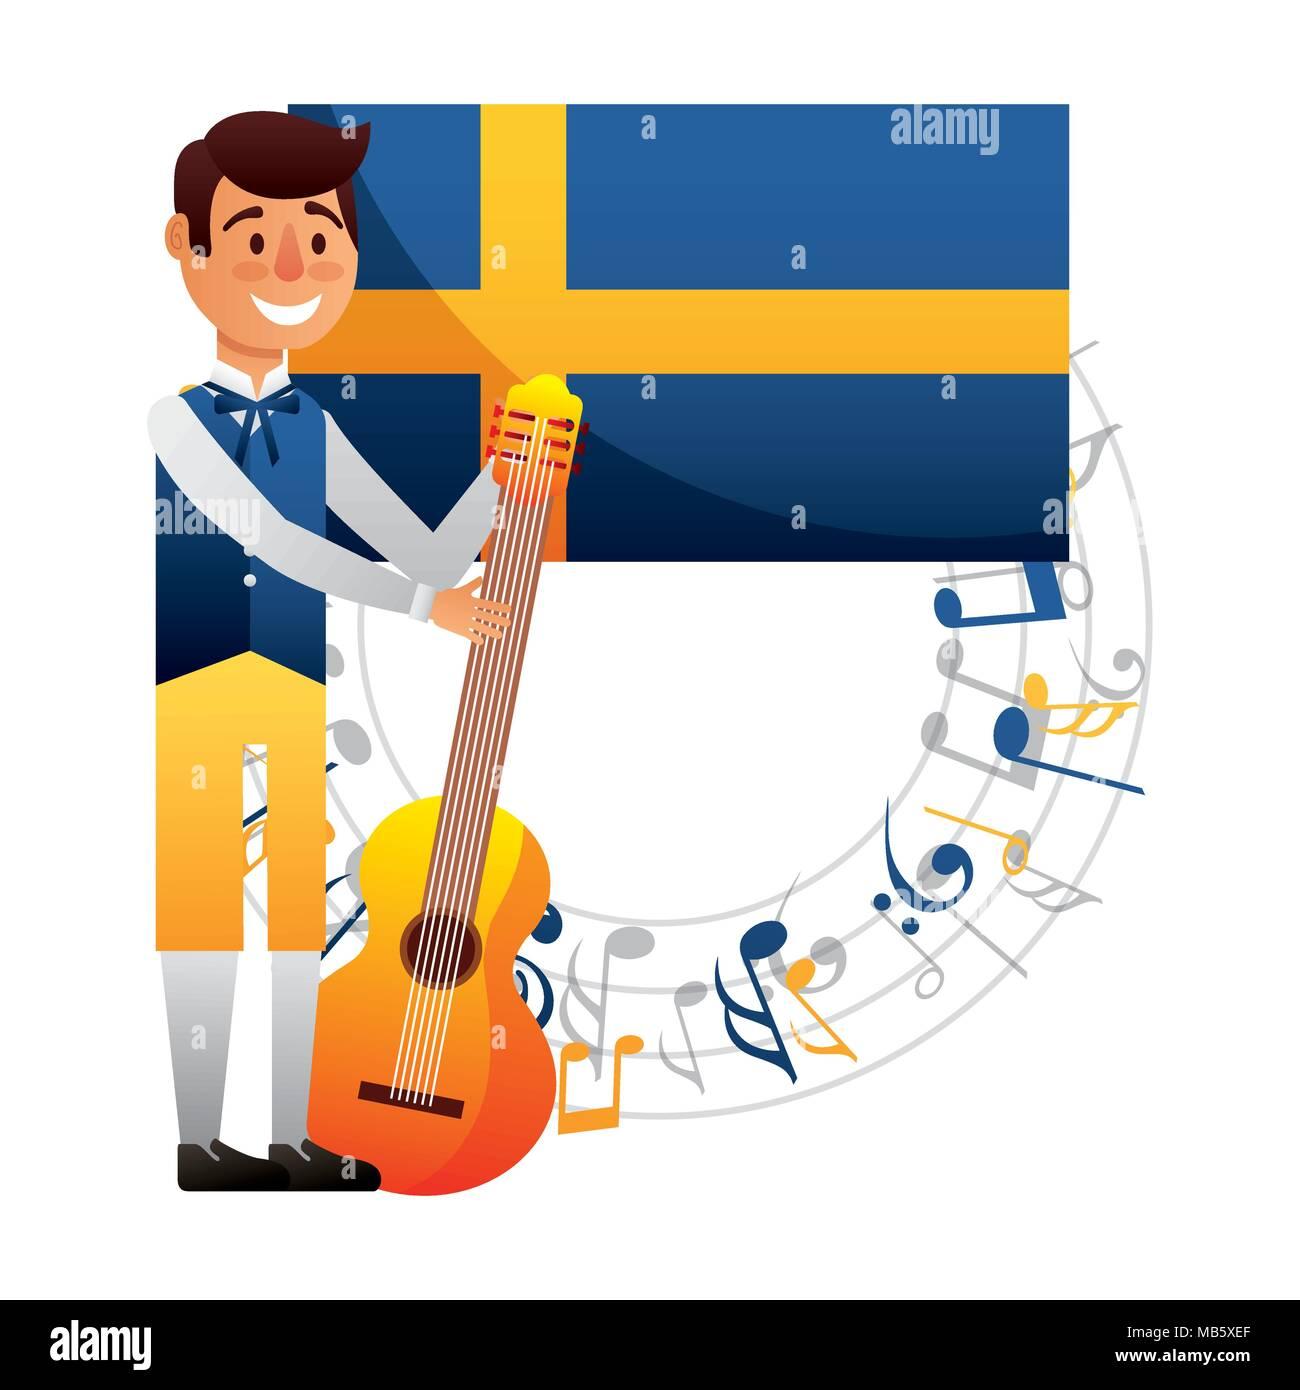 midsummer swedish celebration - Stock Image